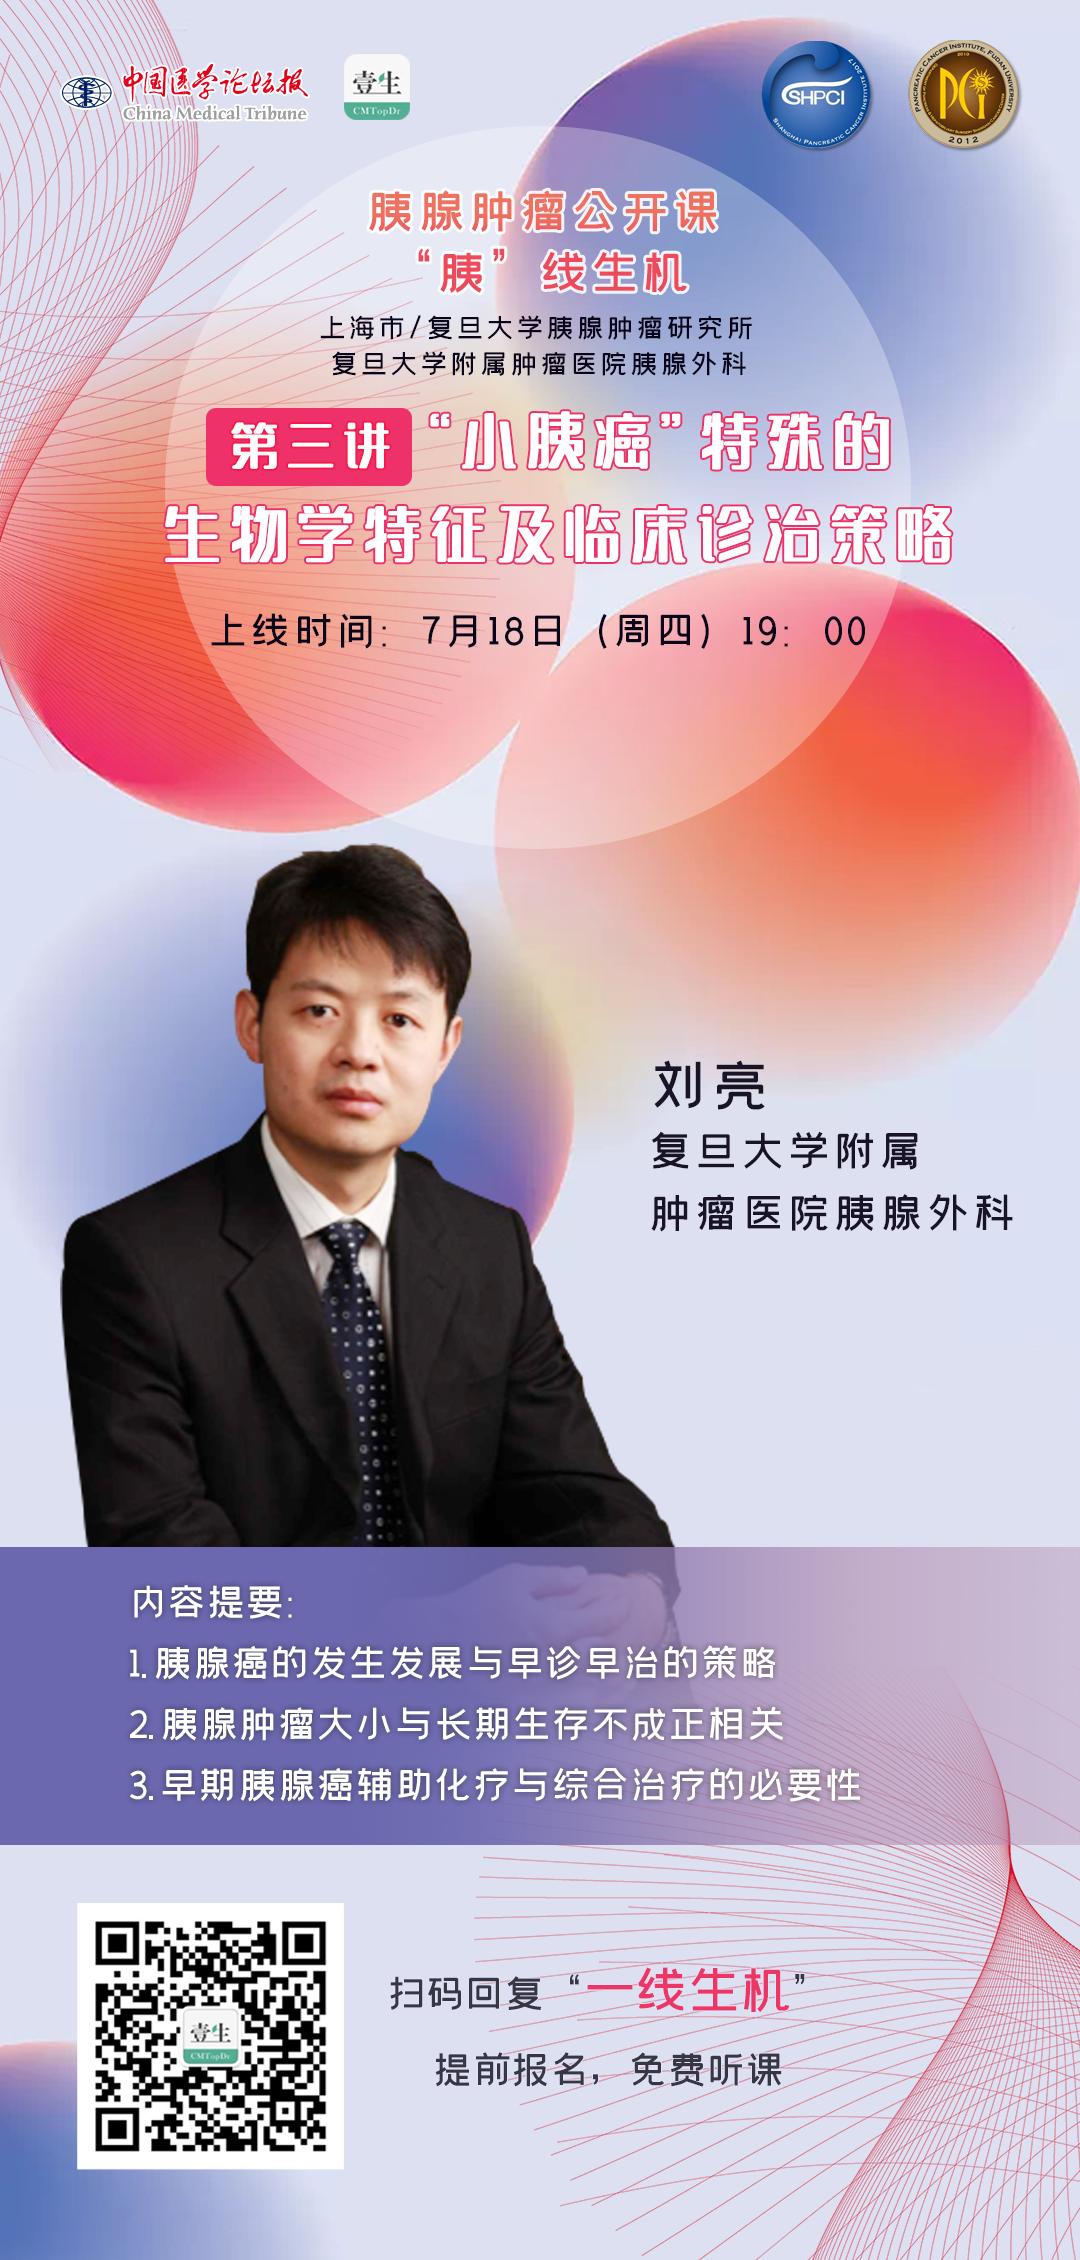 1-2 刘亮.png